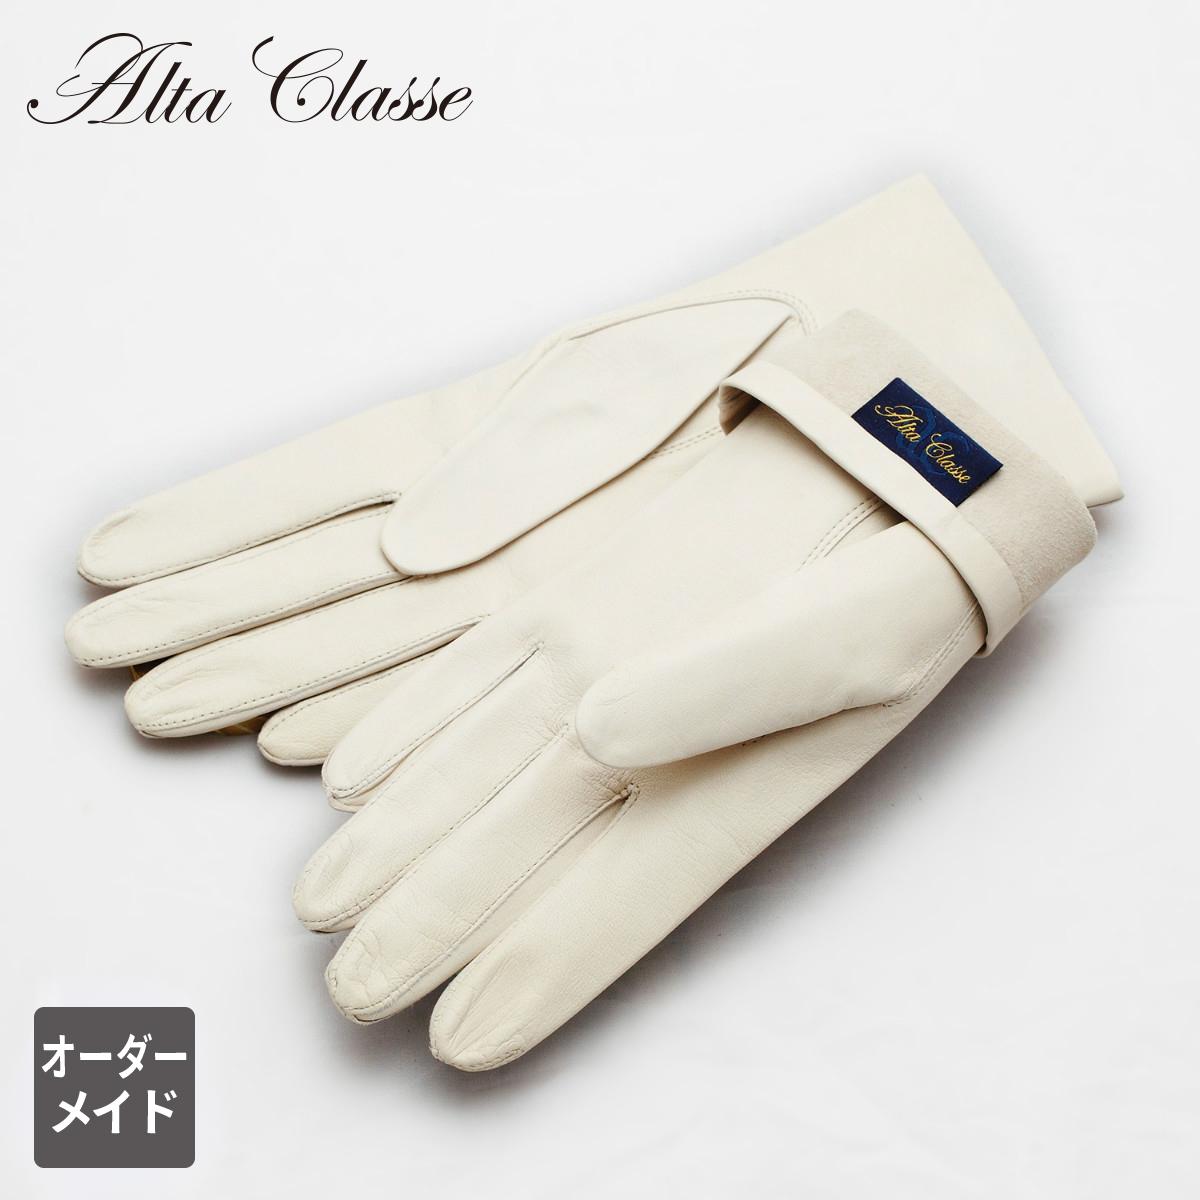 オーダーメイド手袋 手袋 革手袋 アルタクラッセ カプリガンティ レディース スタンダード シープレザー 裏地無し手袋